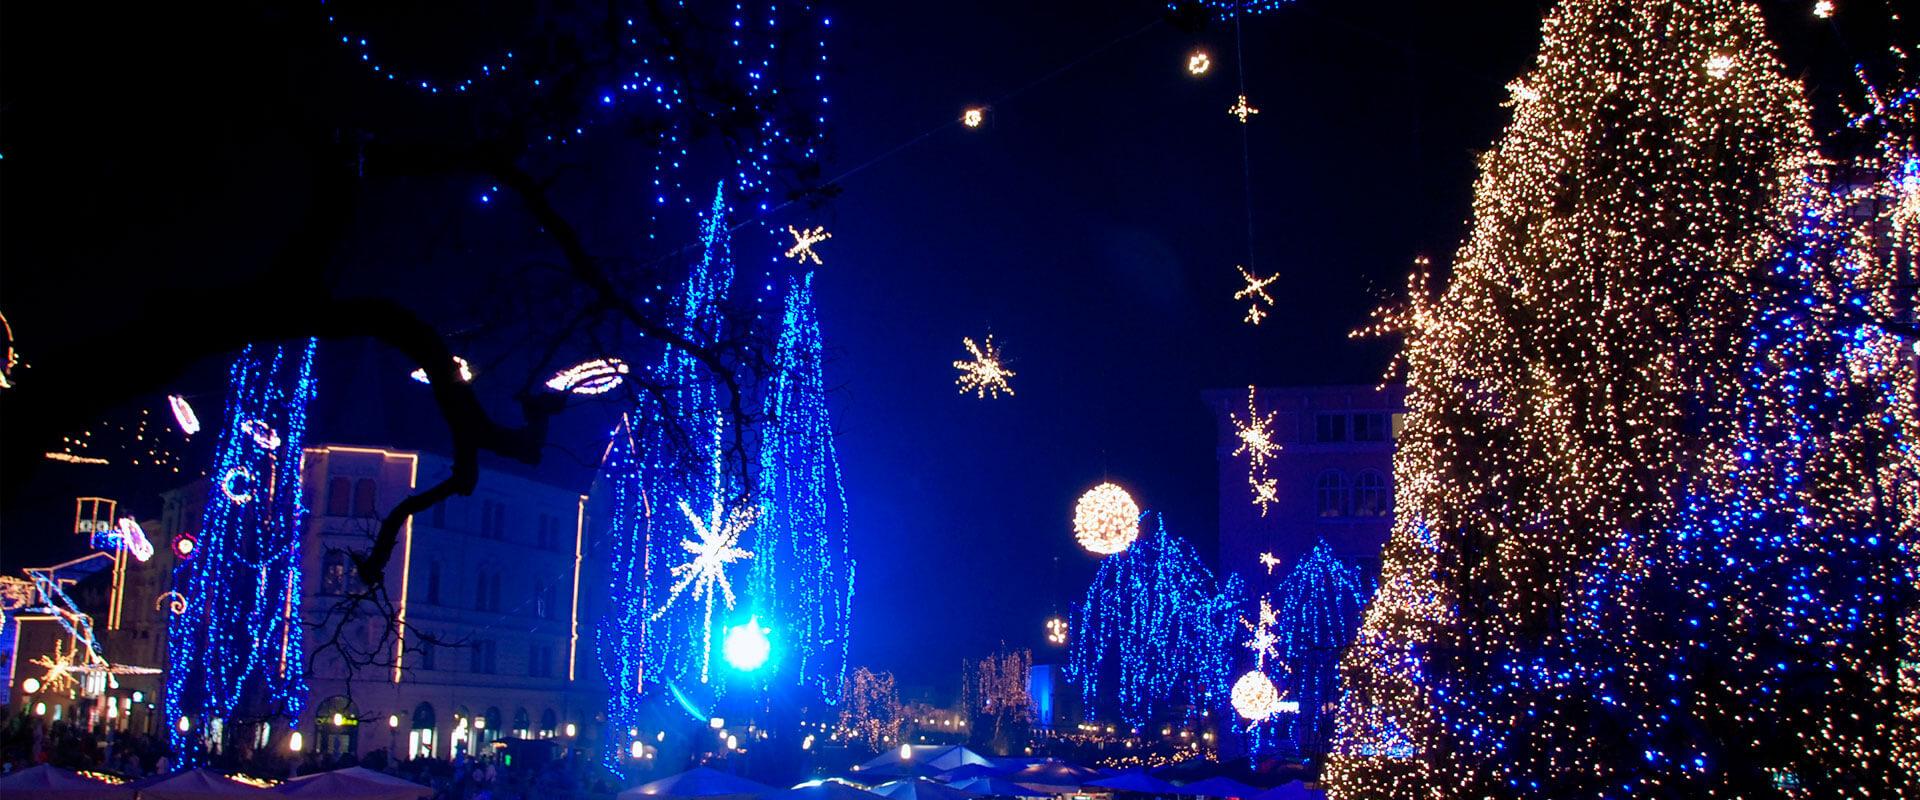 Fotografía de árboles de Navidad en países fríos.